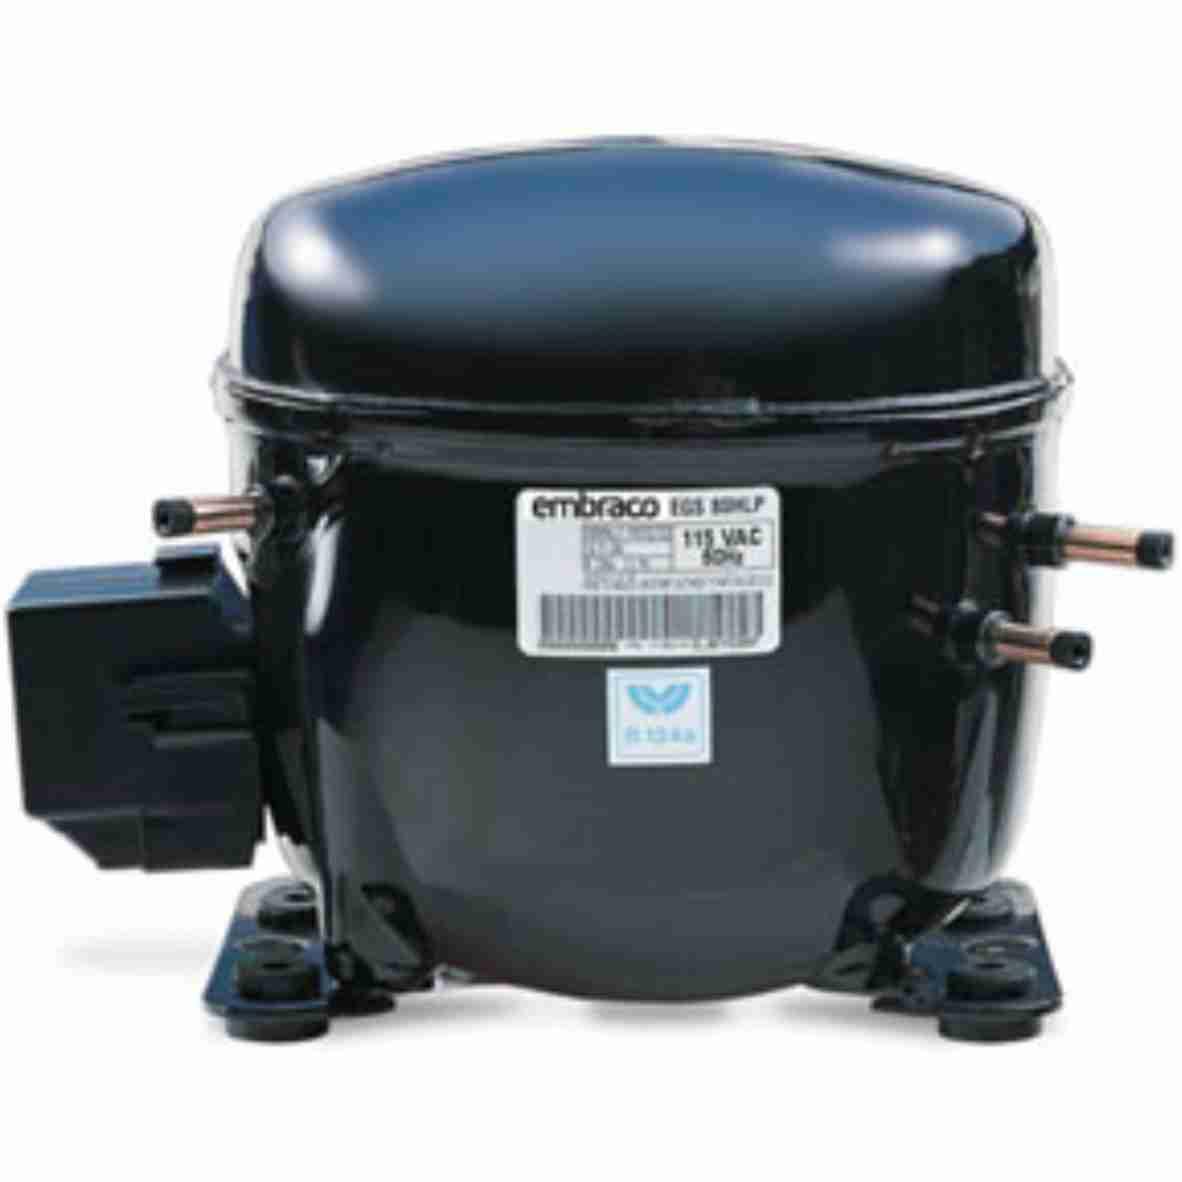 Compressor 1/4 220V 134 EGAS 80HLR Embraco